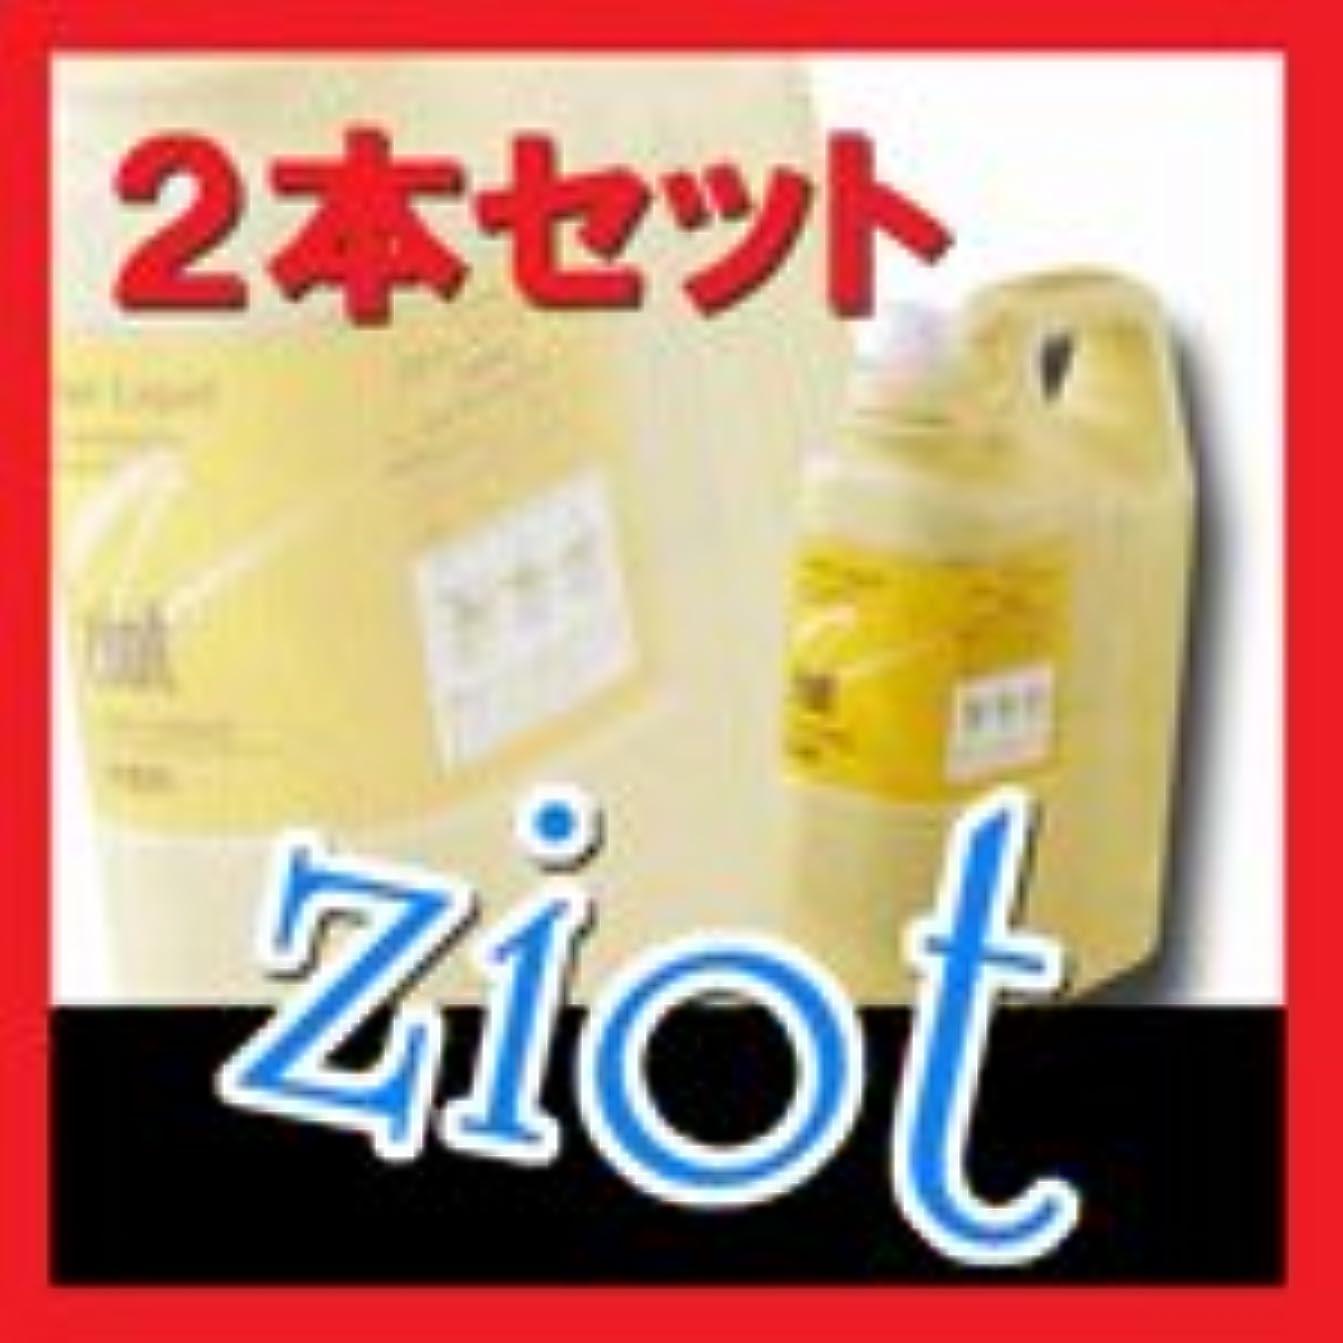 舌な命令パースクラシエ ZIOT ジオット ヘアー リクイド 2000ml ×2本 お徳用サイズ